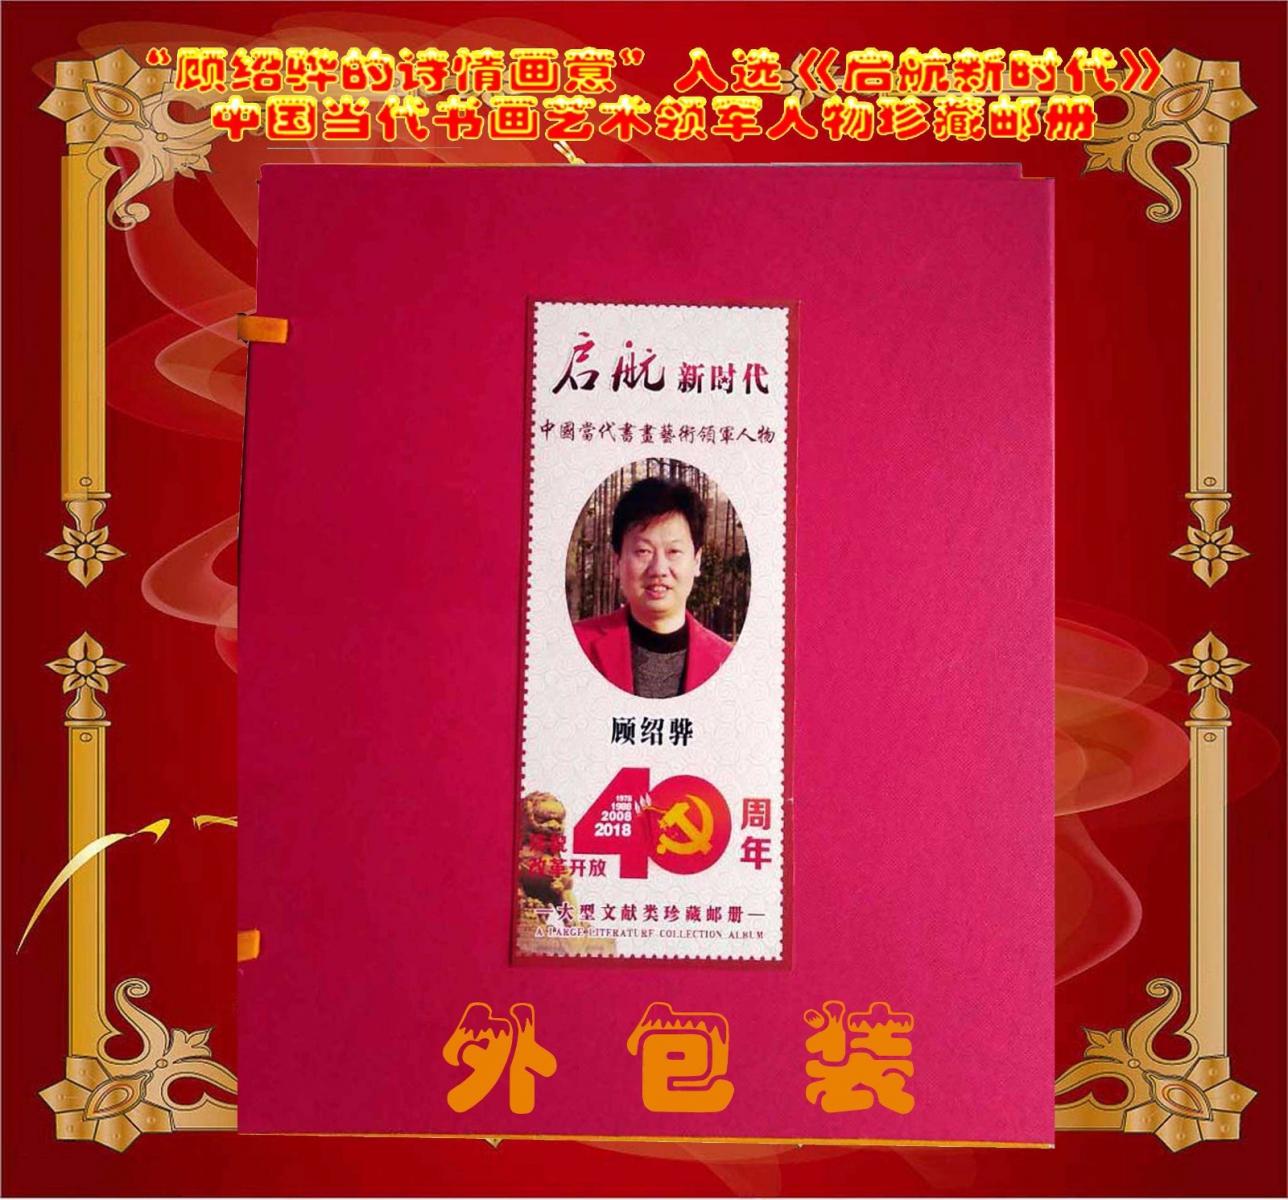 """""""顾绍骅的诗情画意""""入选《启航新时代》中国当代书画艺术领军人物珍藏集邮册 ... ..._图1-1"""